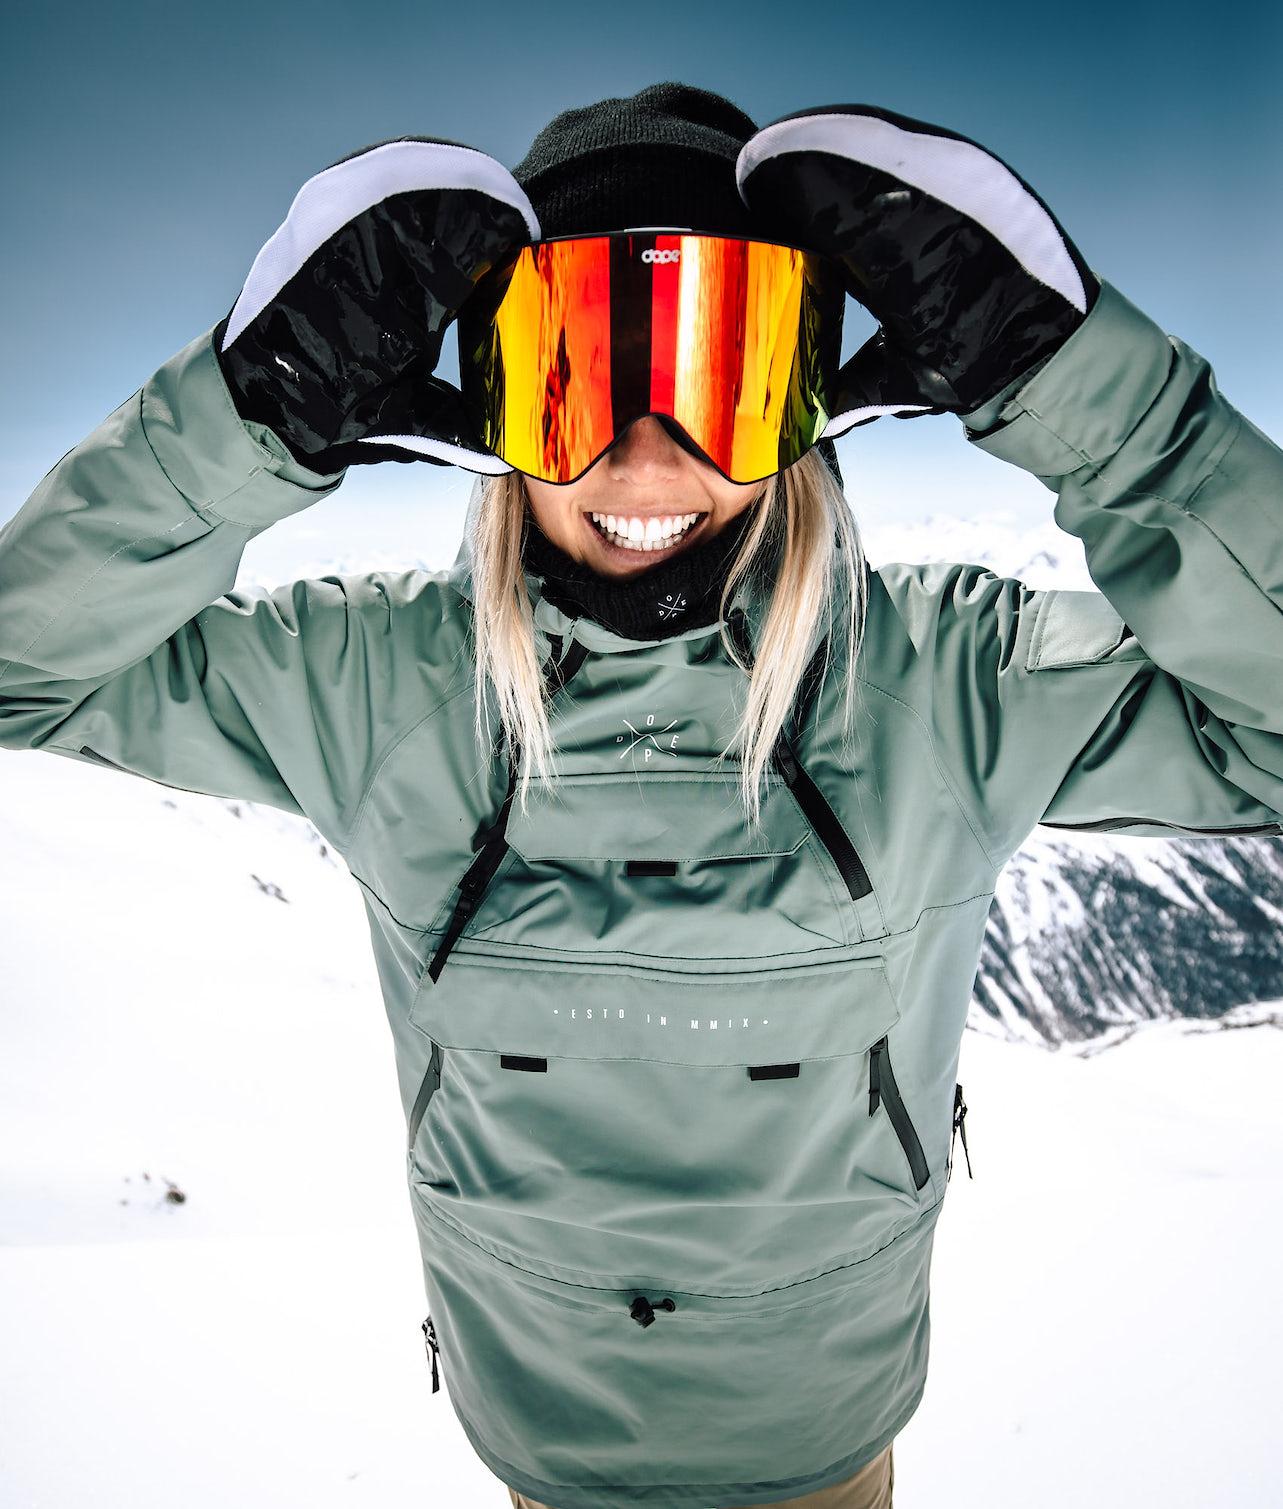 Akin W | Achète des Veste de Snowboard de chez Dope sur Ridestore.fr | Bien-sûr, les frais de ports sont offerts et les retours gratuits pendant 30 jours !